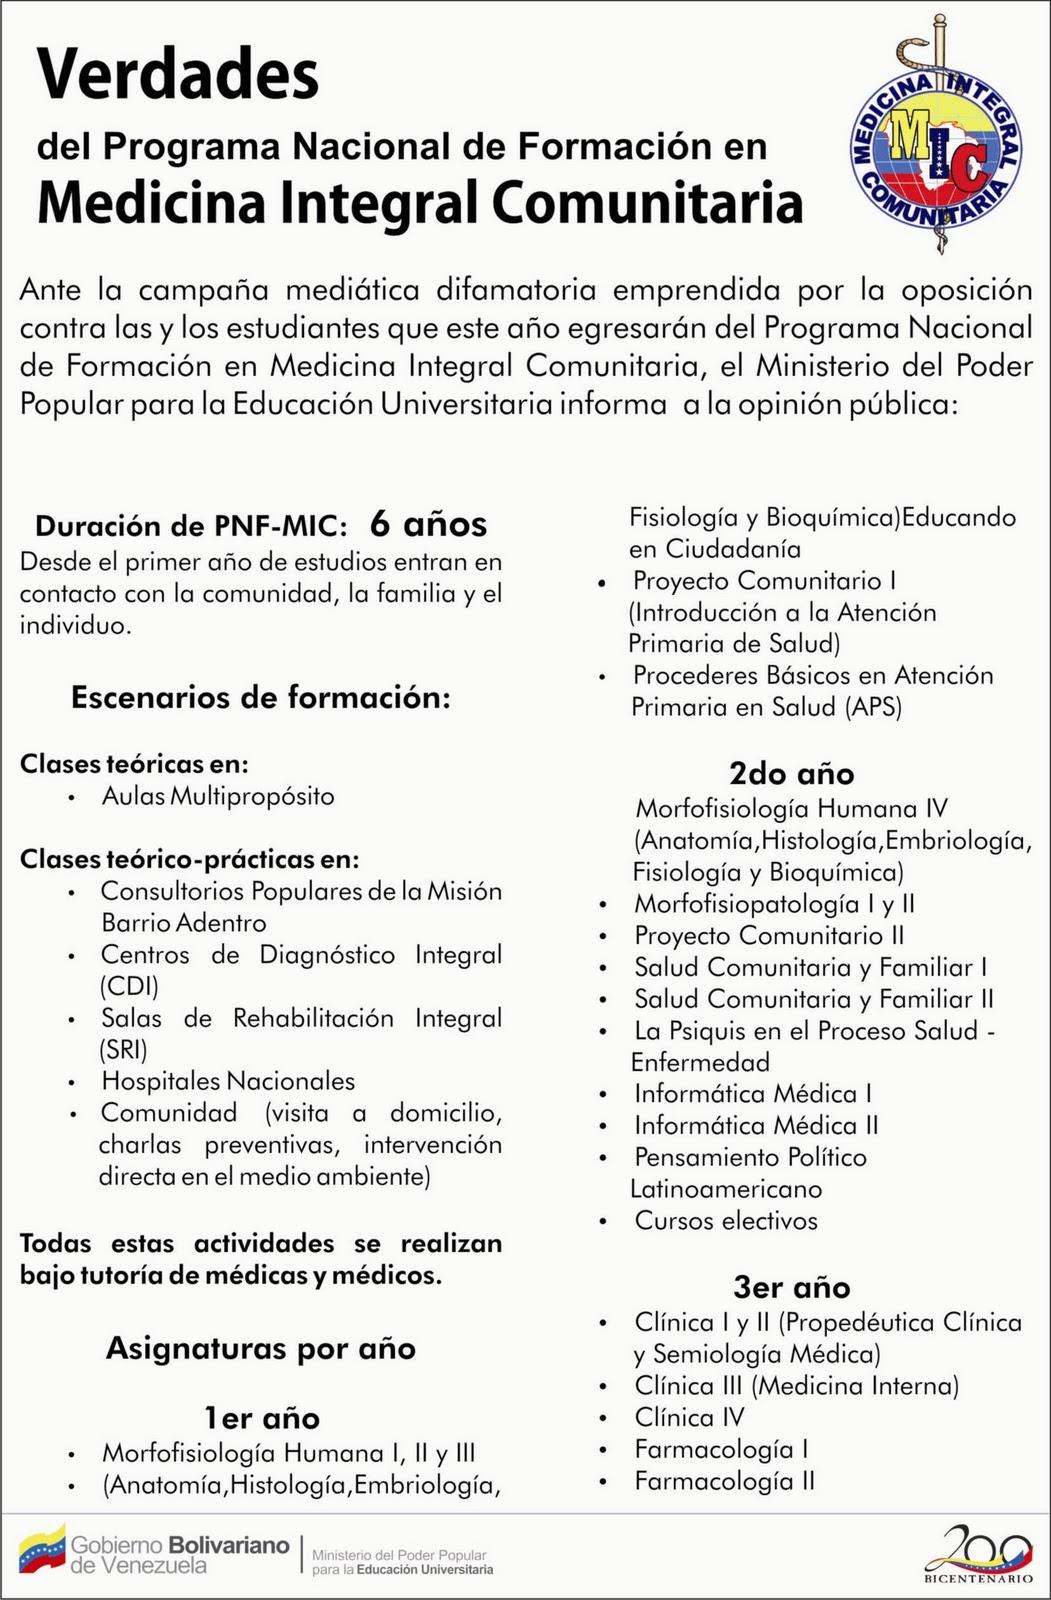 PENSUM Programa Nacional de Formación Medicina Integral Comunitaria ...